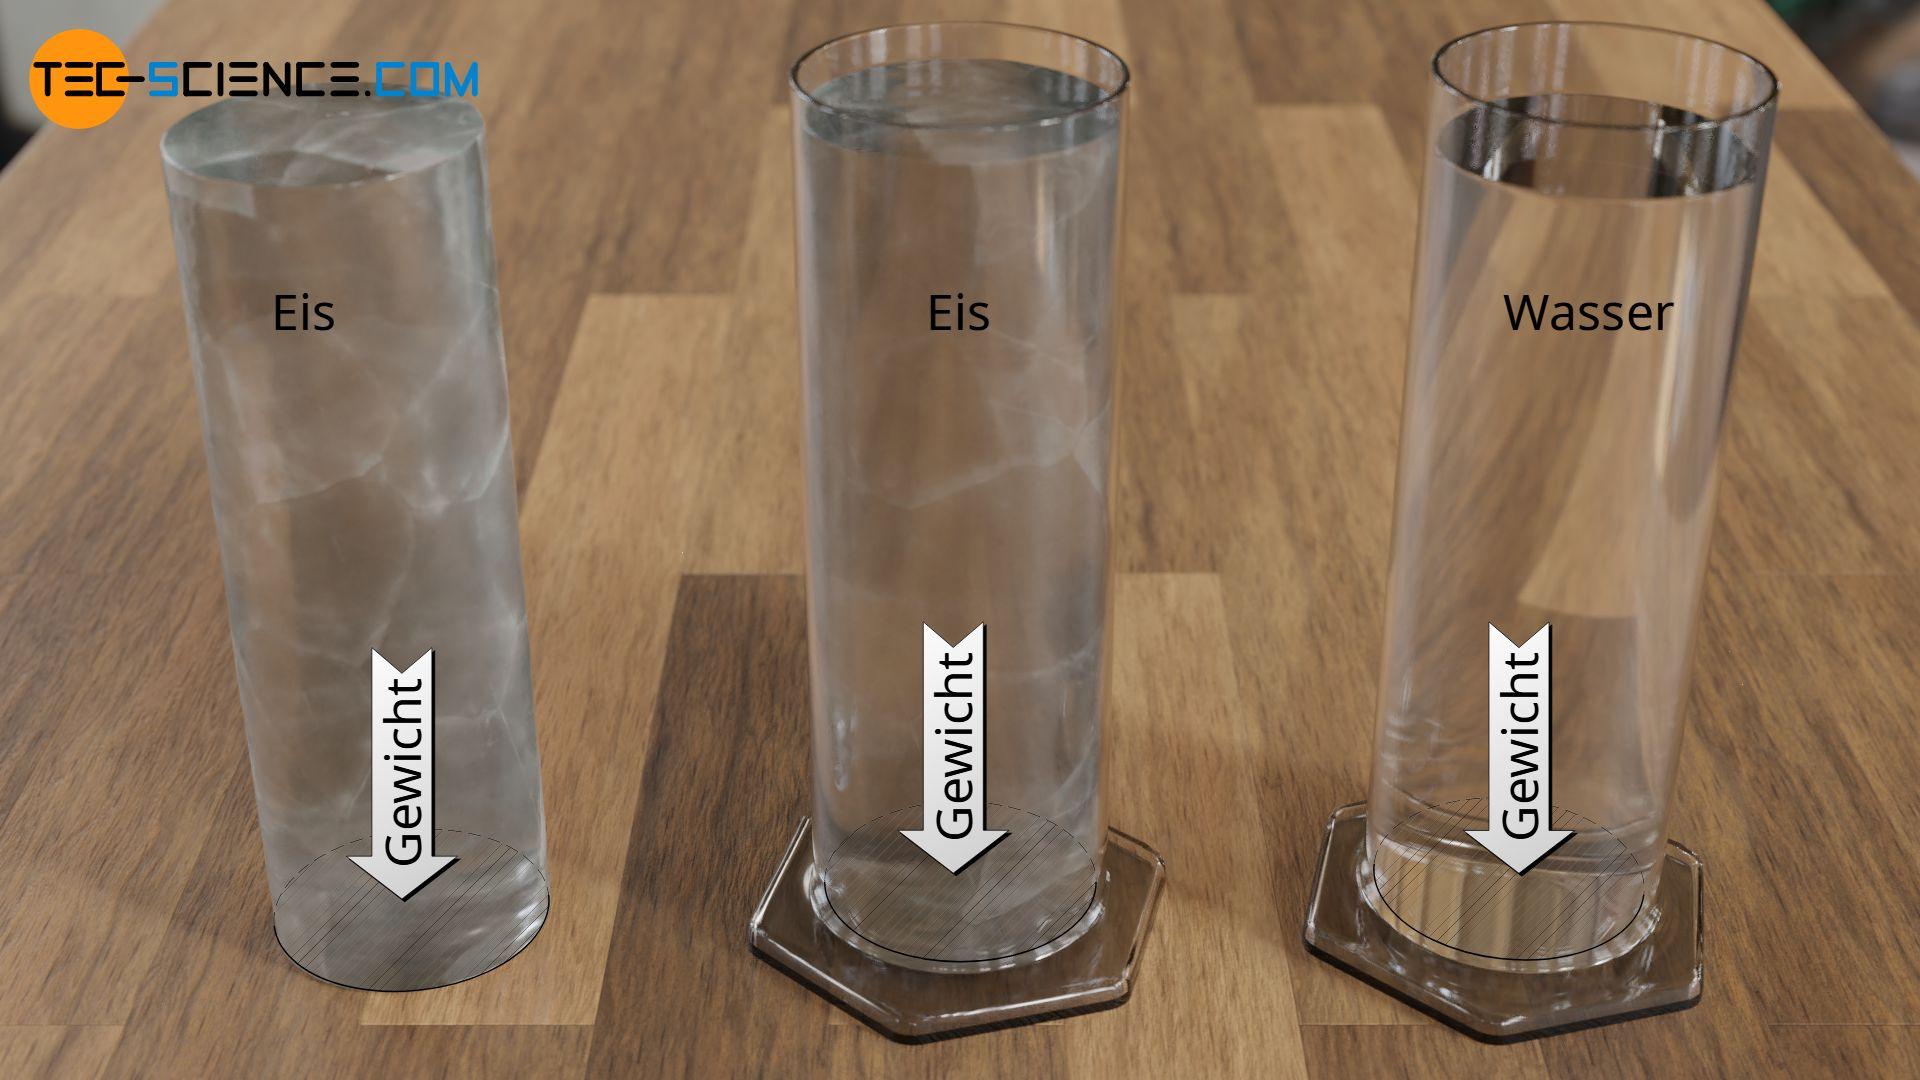 Vom Auflagedruck des gefrorenen Wassers zum hydrostatischen Druck des flüssigen Wassers